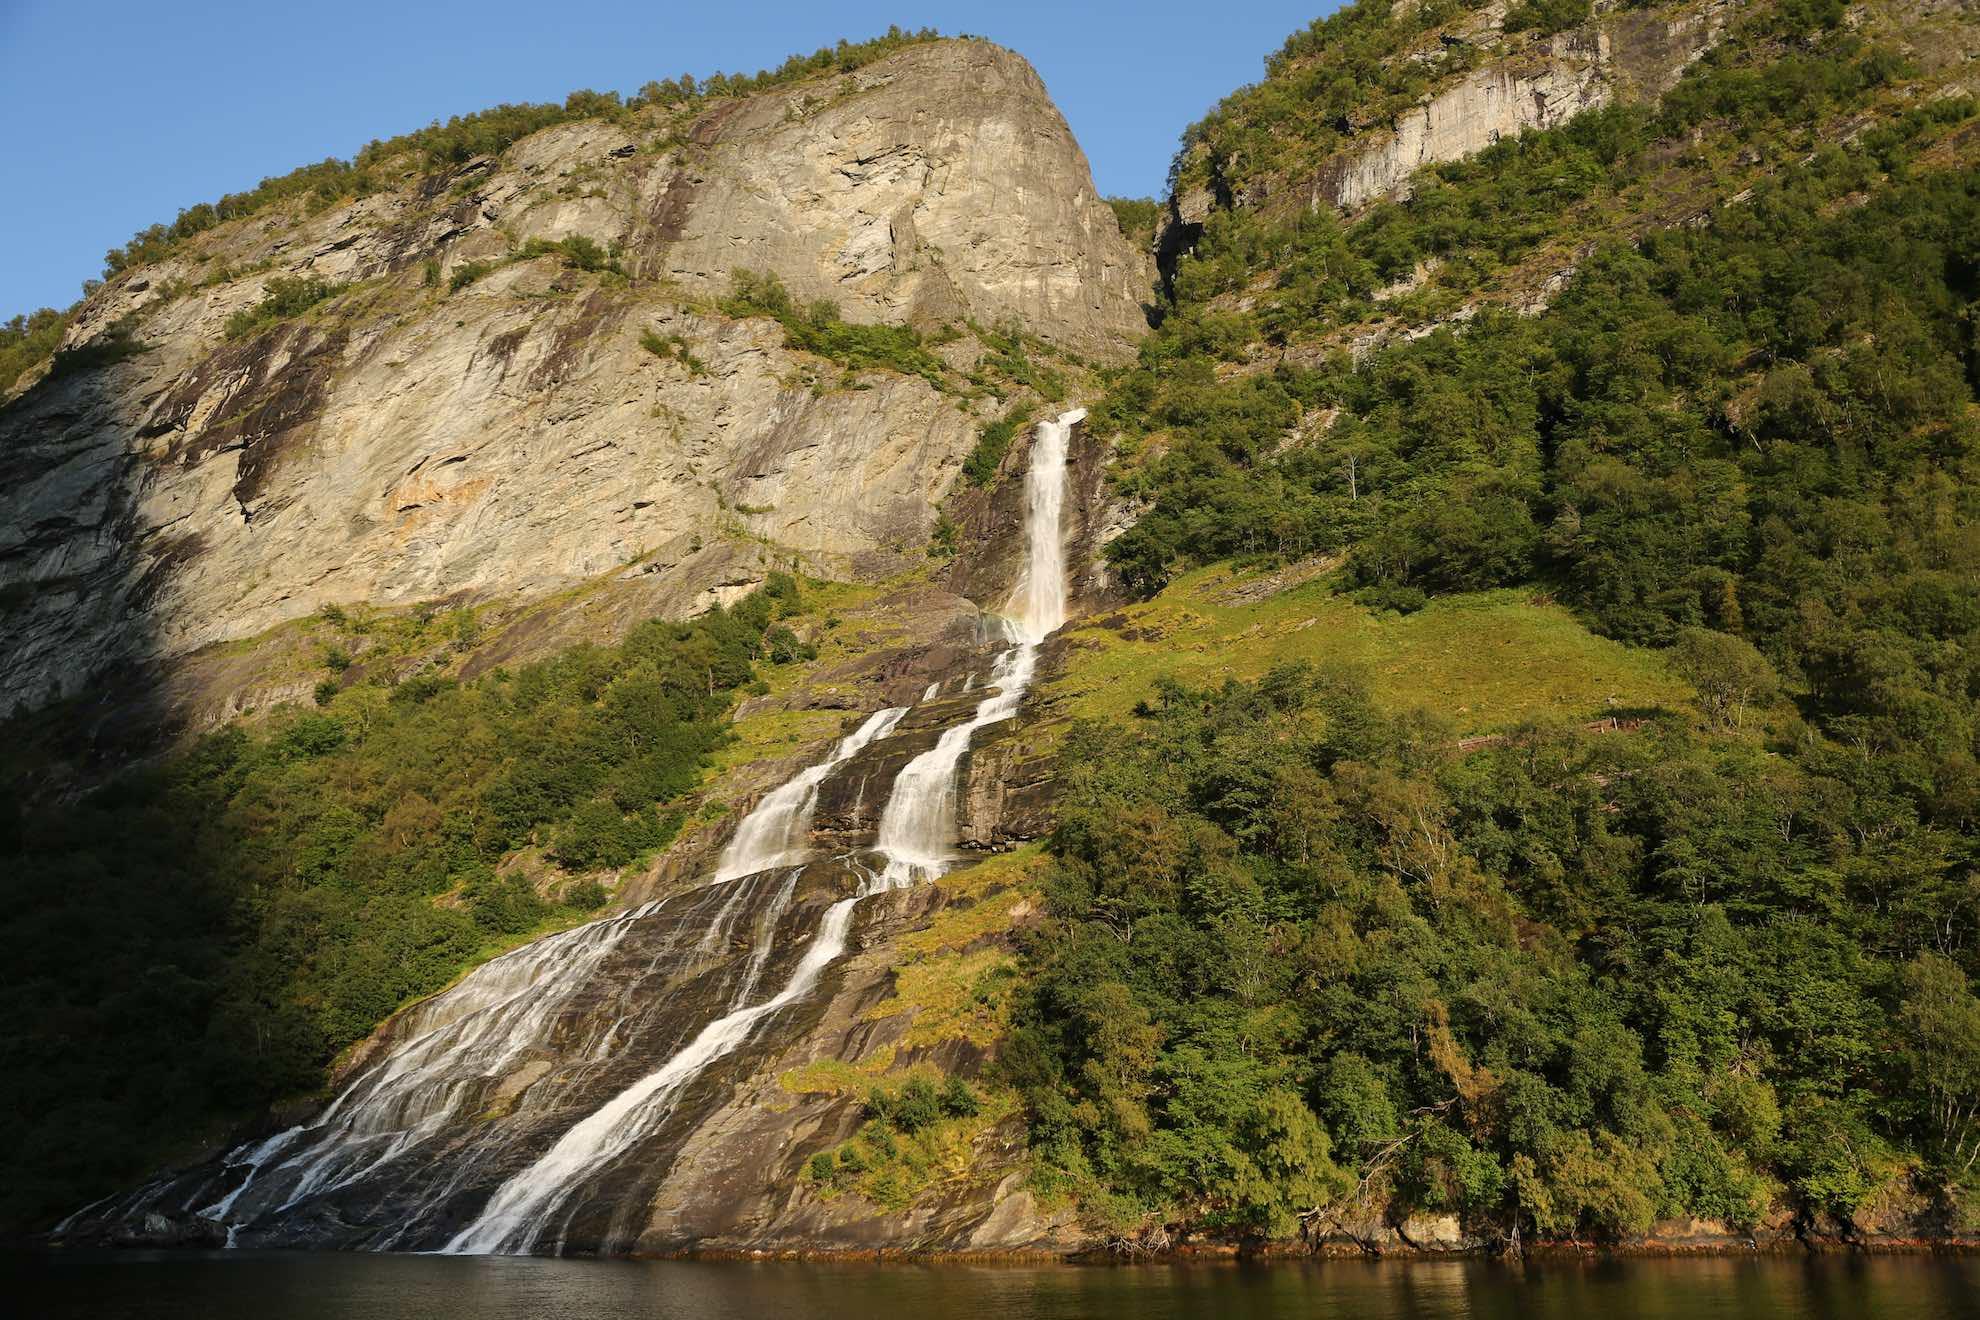 Spektakuläre Wasserfälle und Schluchten säumen das Ufer.